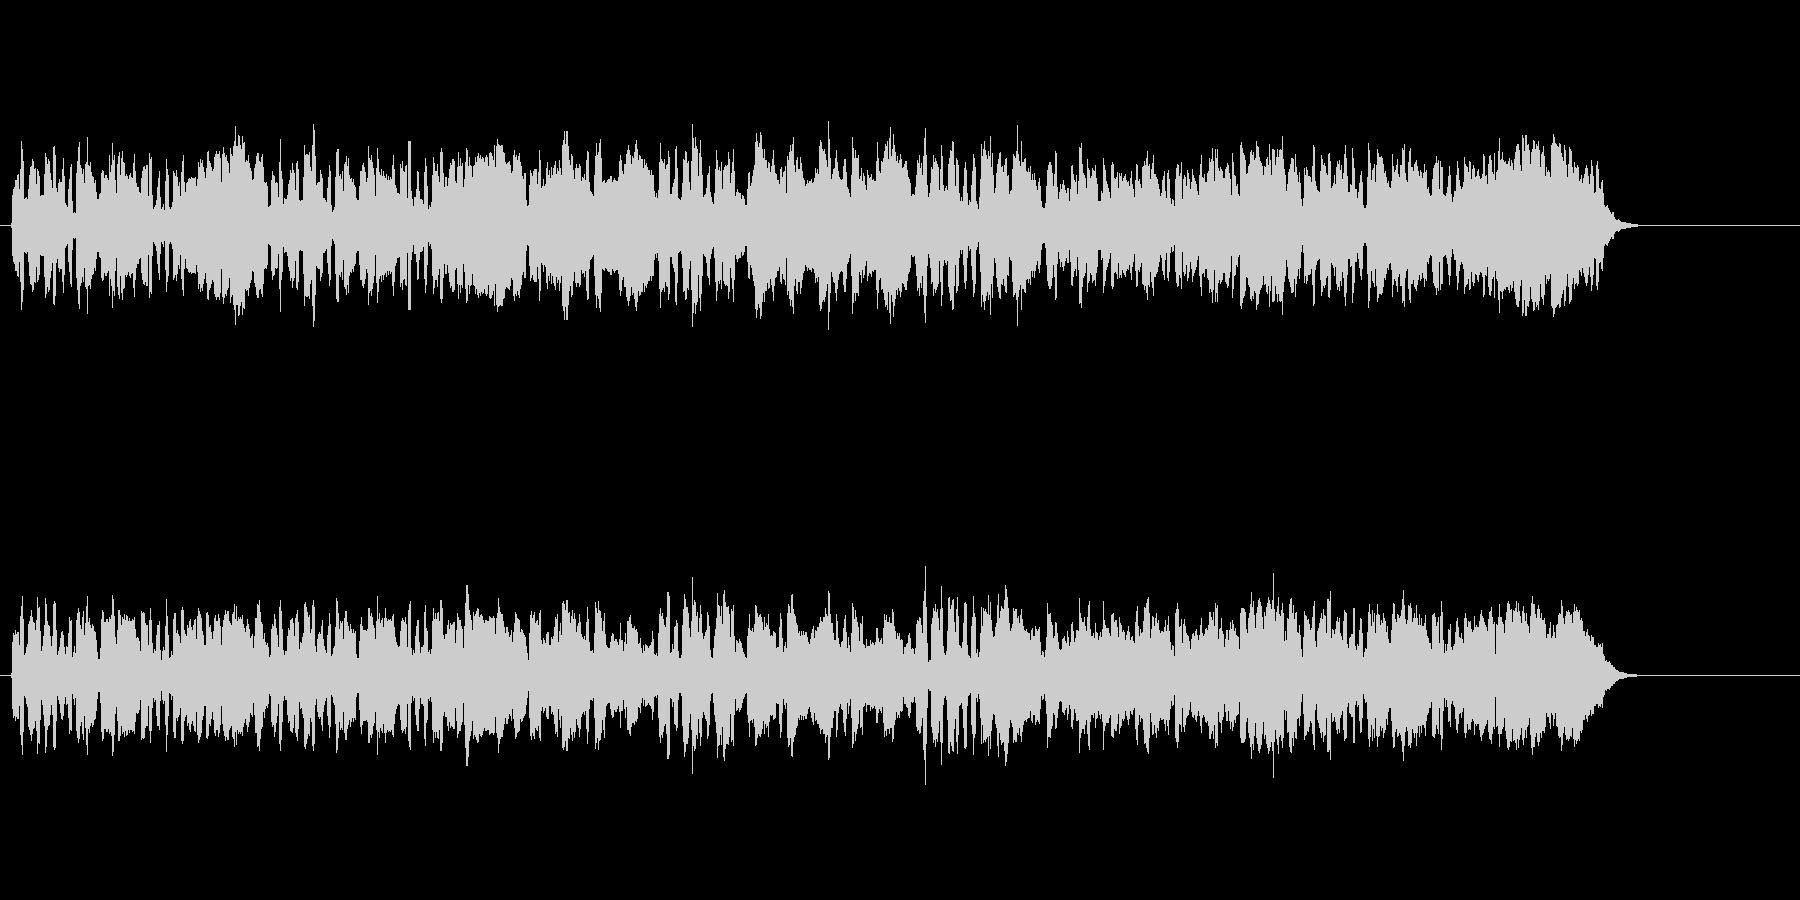 清らかな小編成クラシック楽曲の未再生の波形